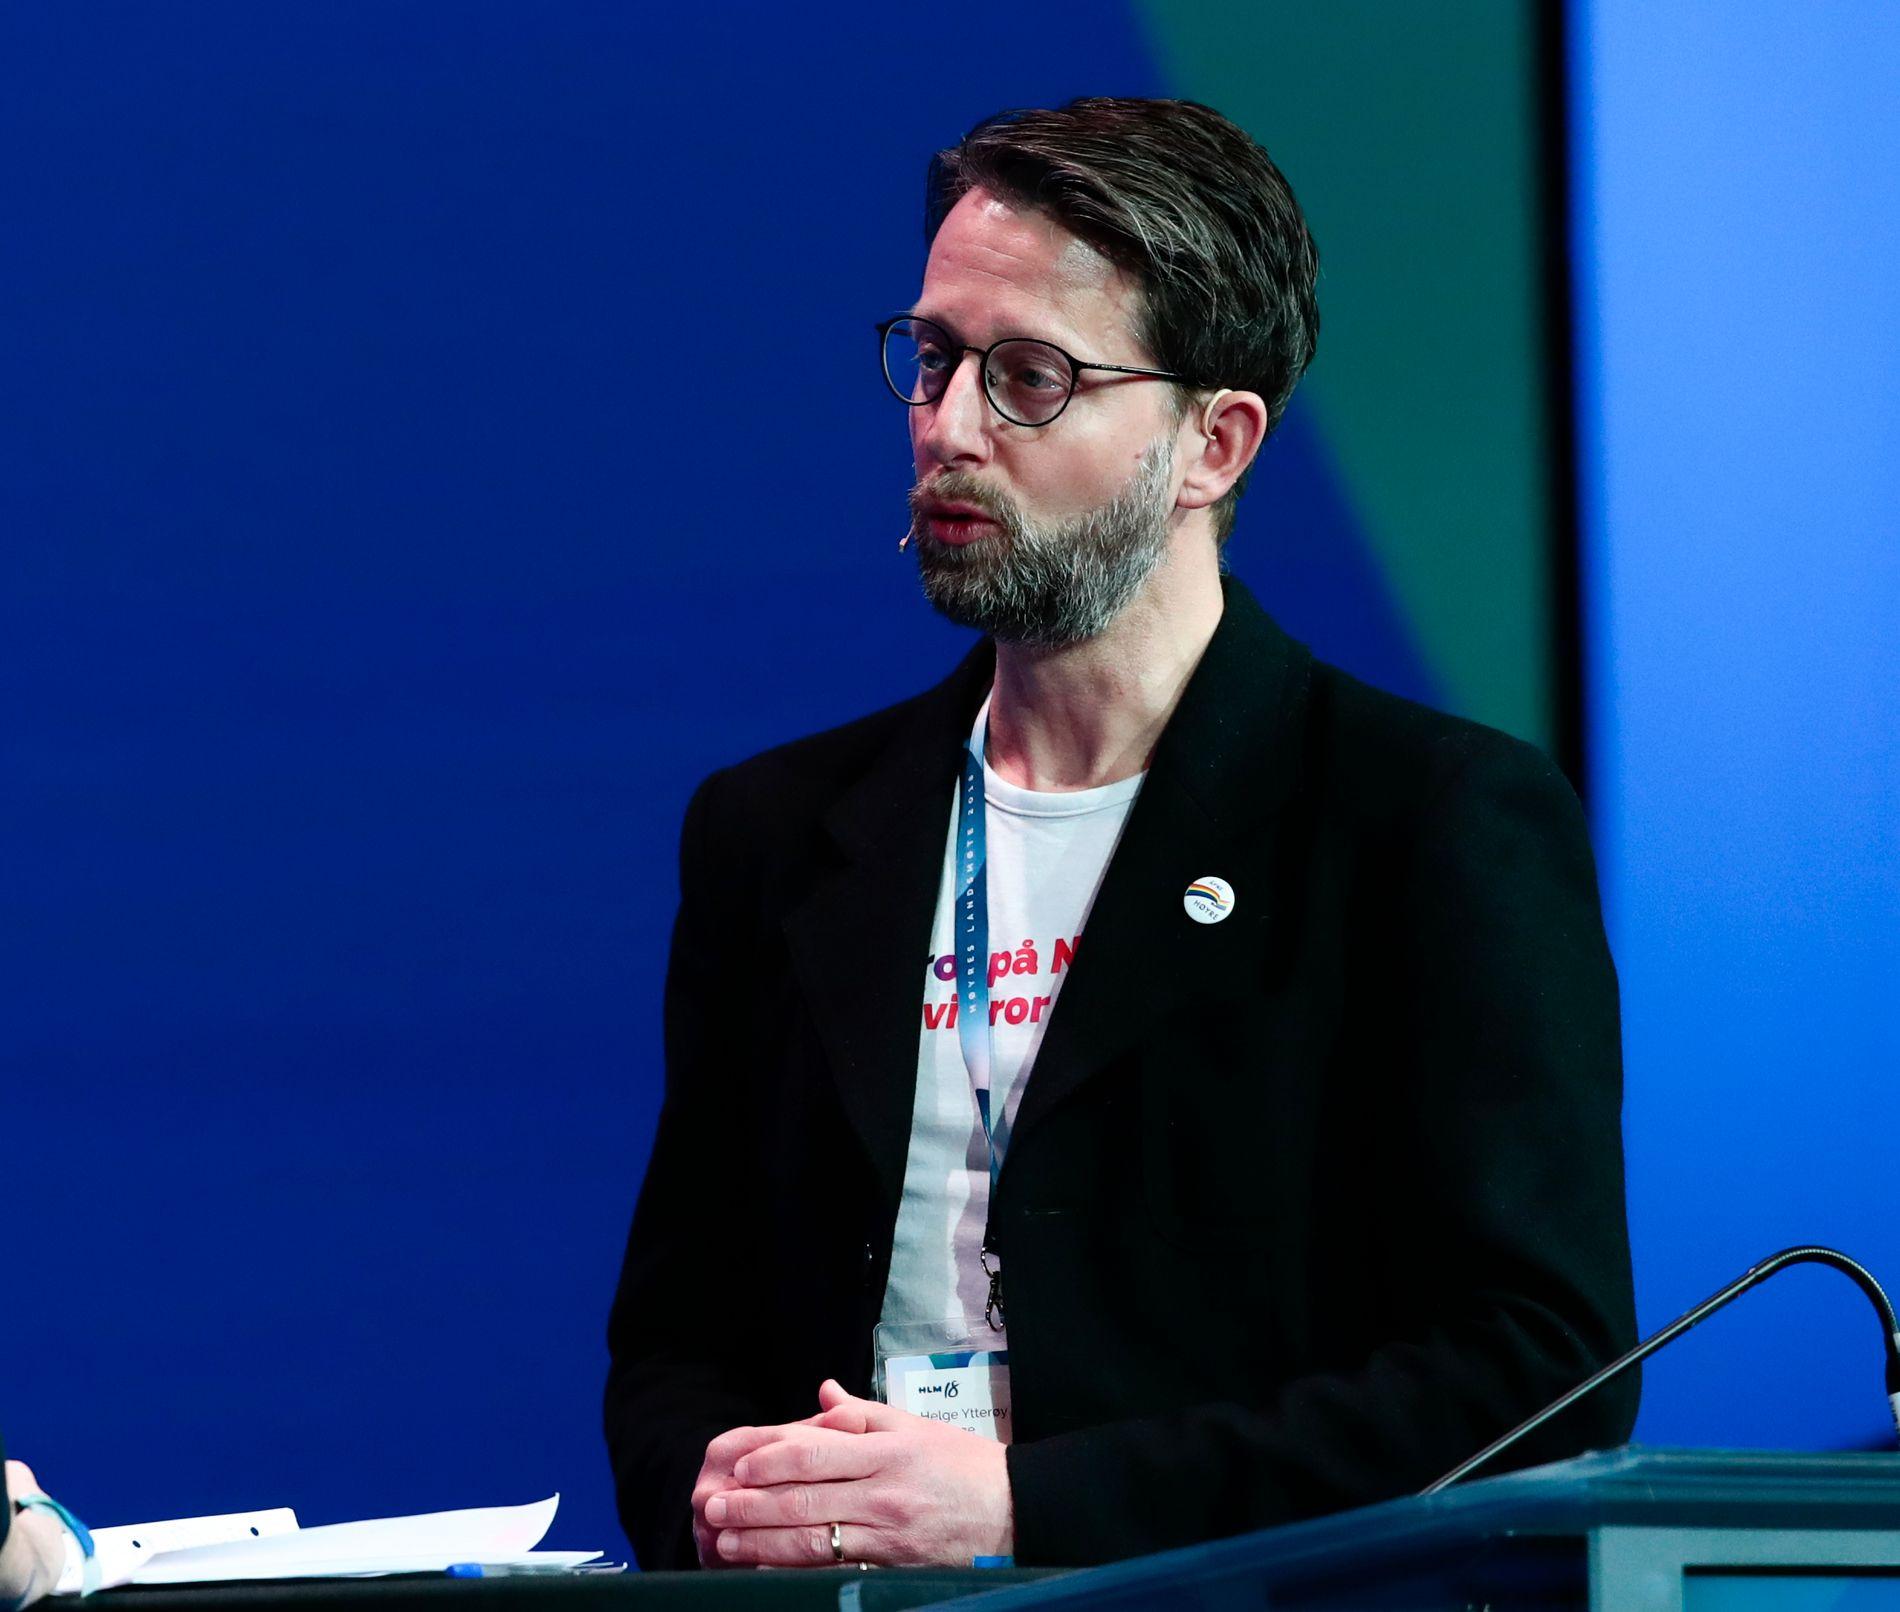 ØNSKER AT NORGE SKAL VÆRE BEST: Helge Ytterøy L'Orange, leder av Åpne Høyre - partiets nettverk for skeive, sier de vil ta opp UDI og UNEs praktisering av lovverket når de skal vurdere hvordan Norge kan bli et bedre land for skeive minoriteter til høsten.